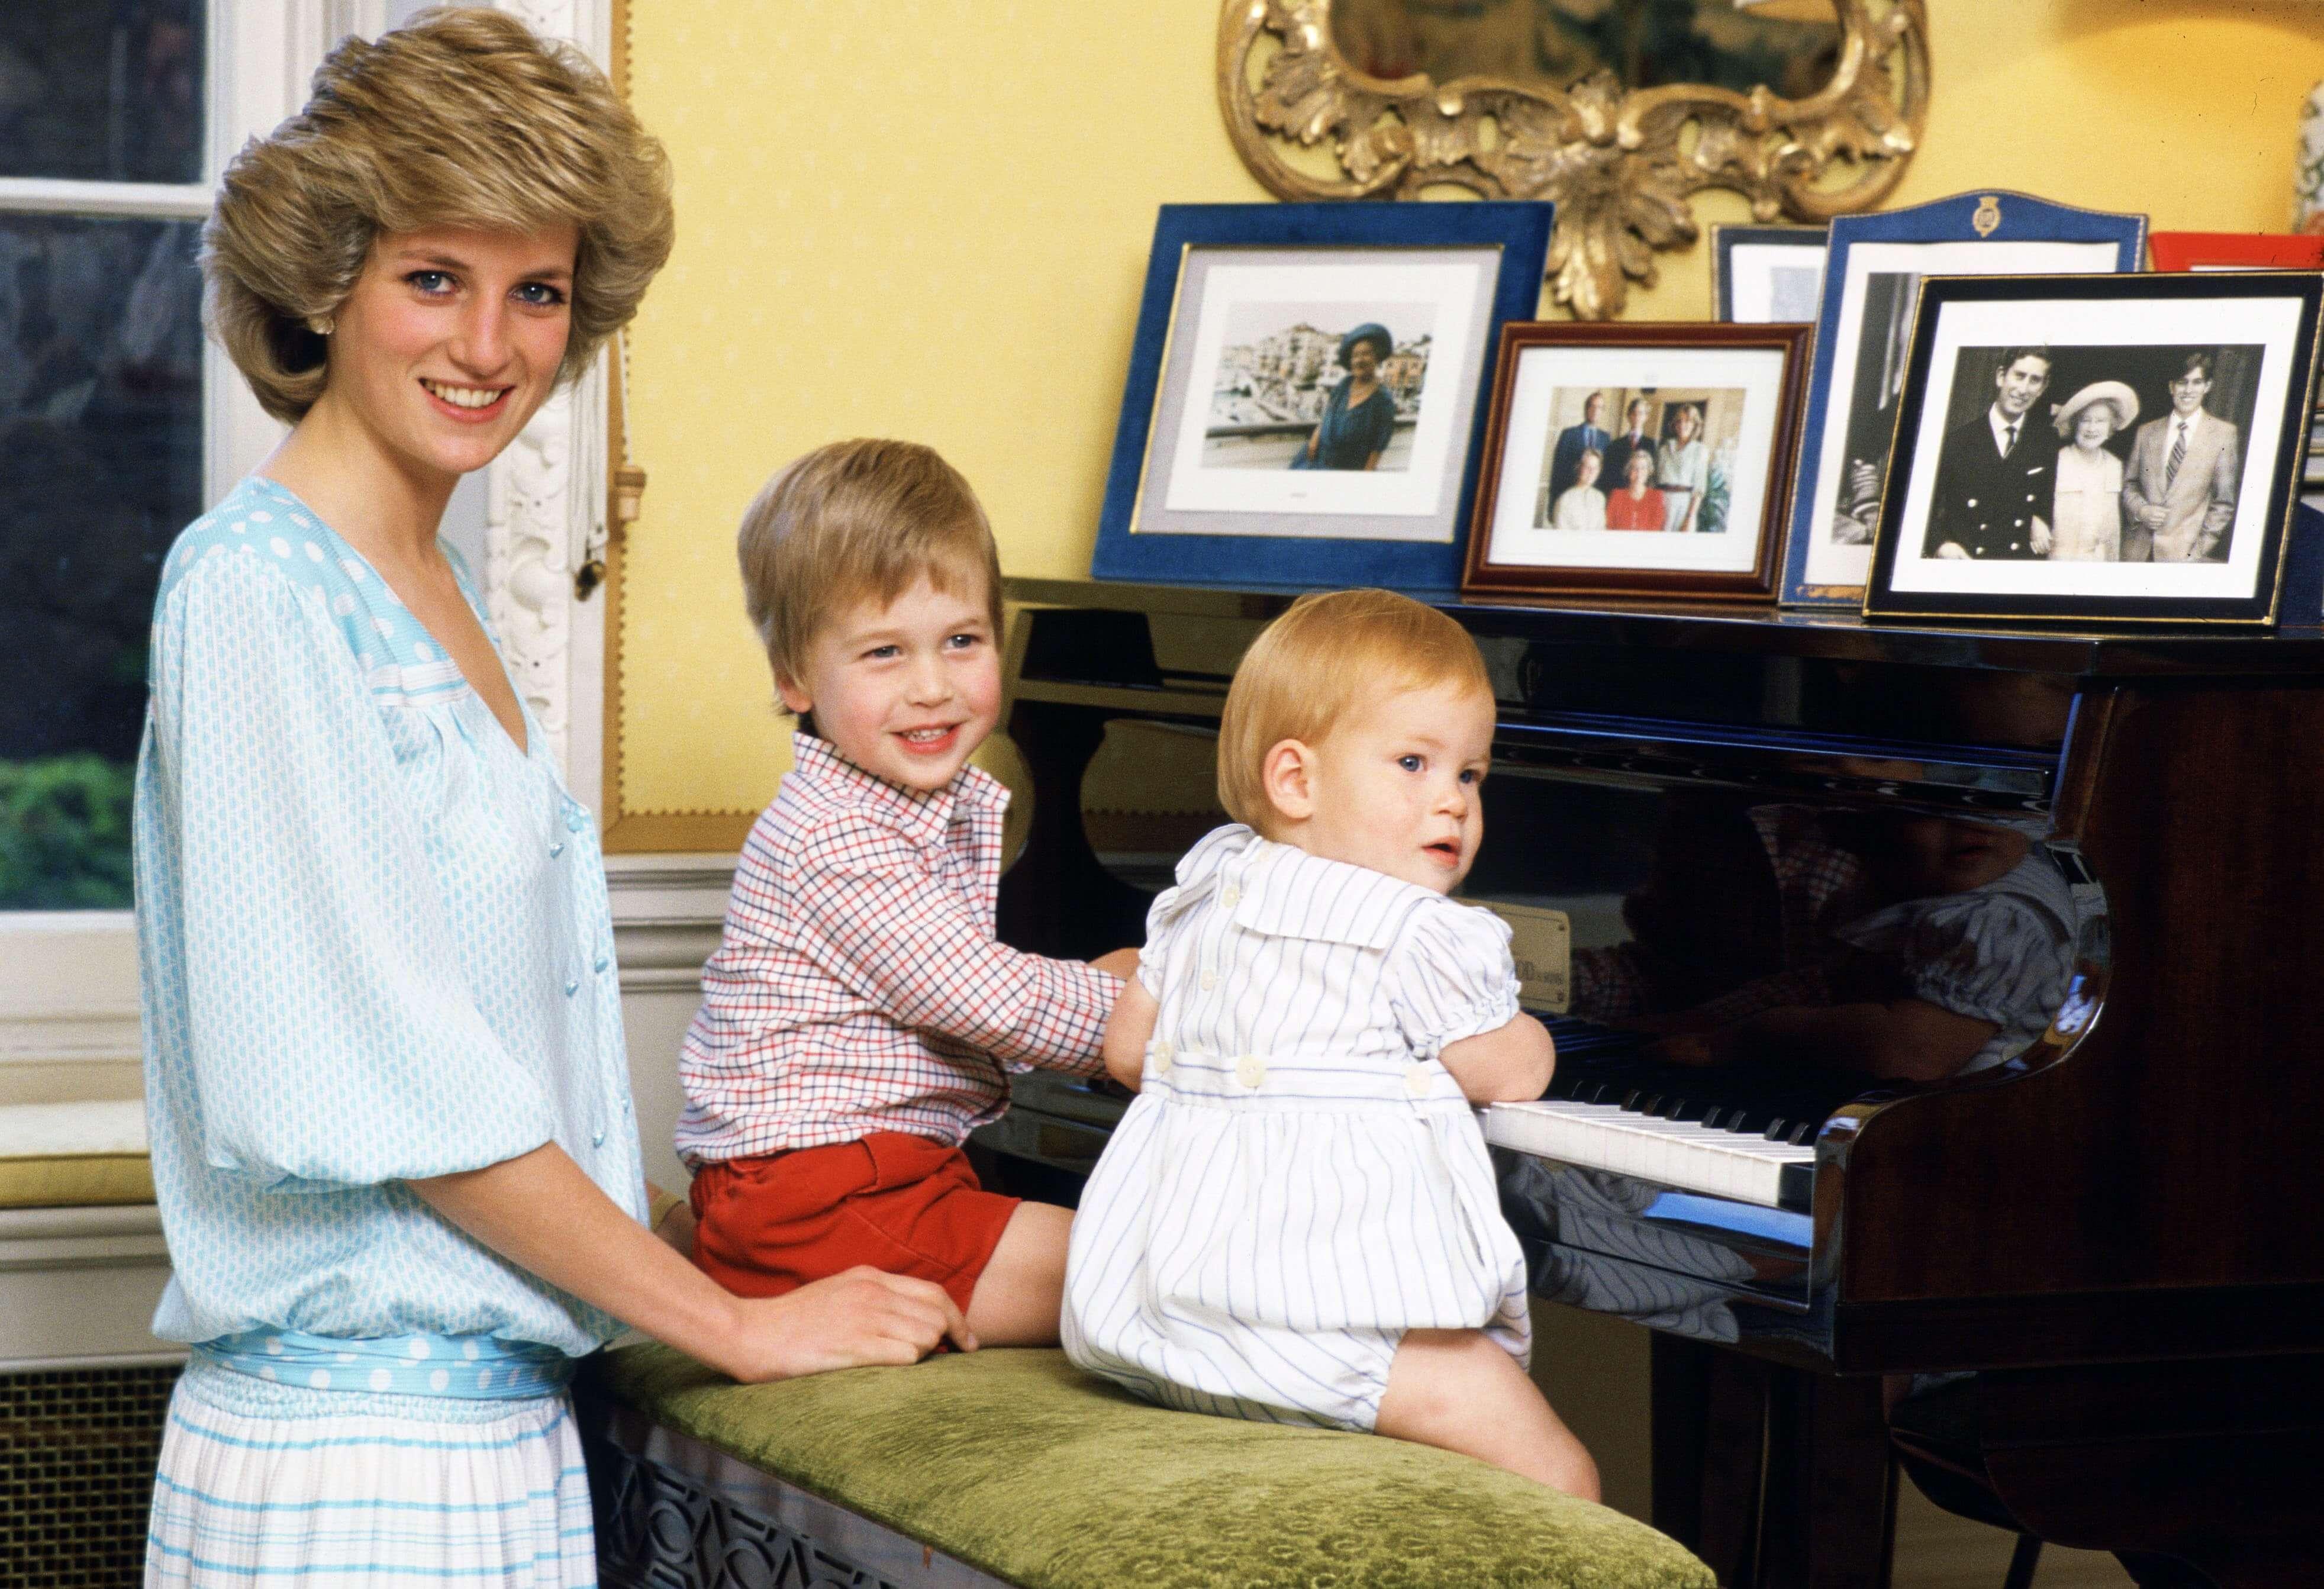 Принц Уильям и принц Гарри рассказали, как пережили гибель матери